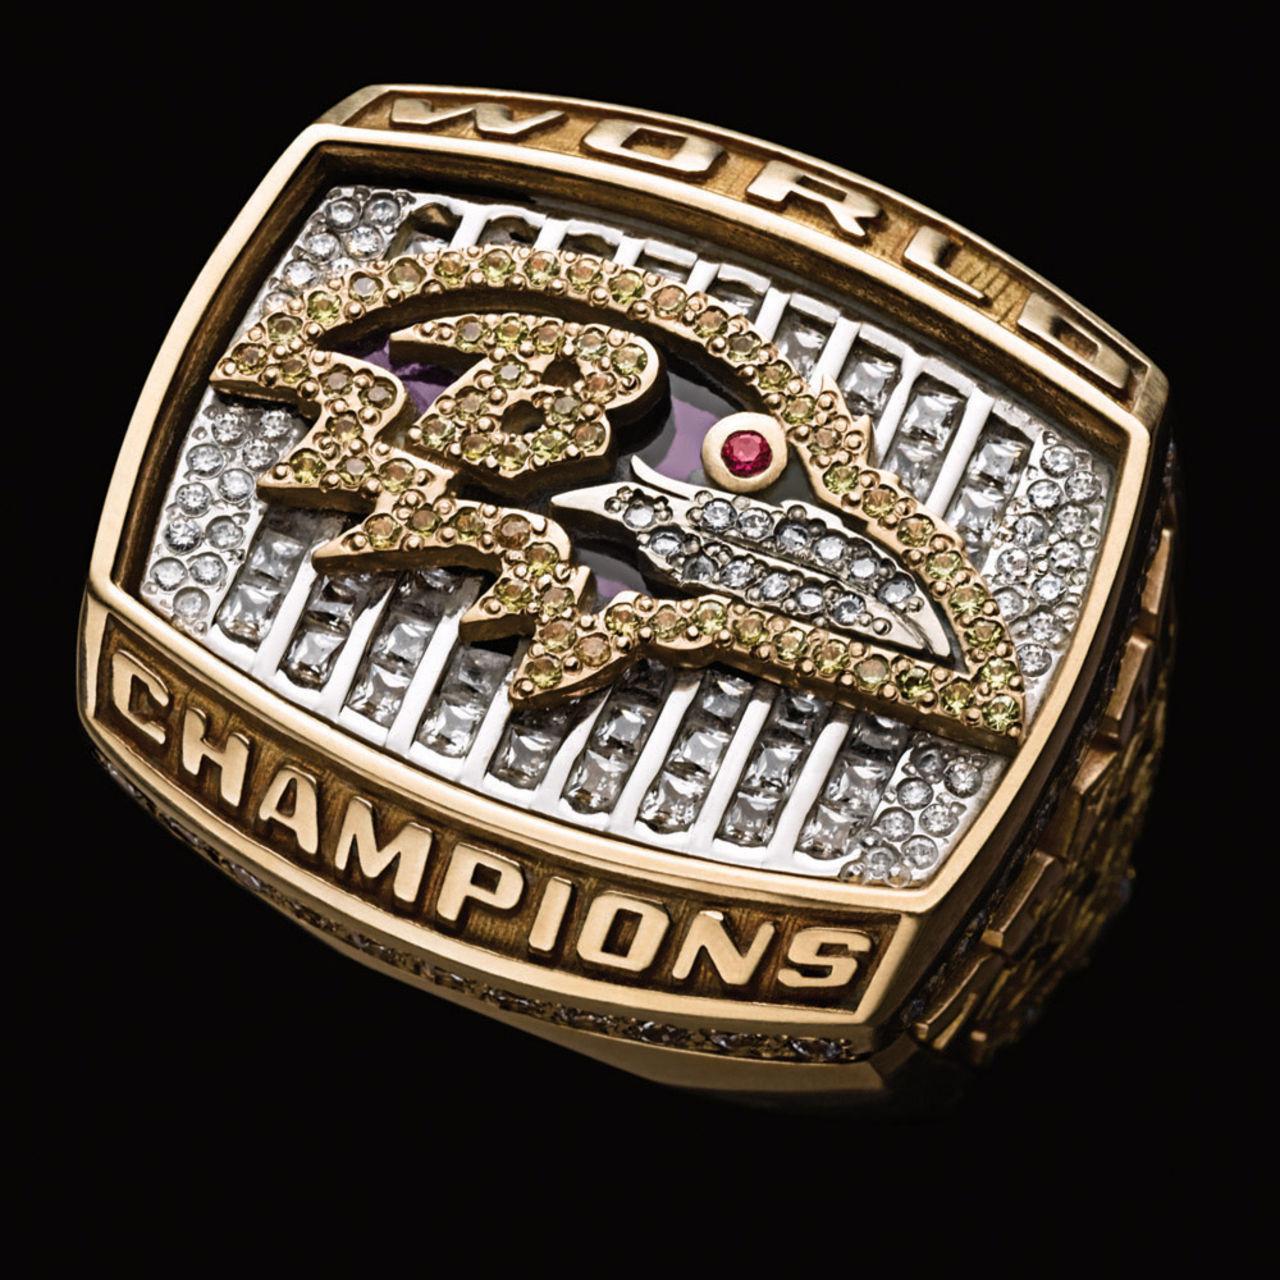 Baltimore Ravens 2001 champions ring